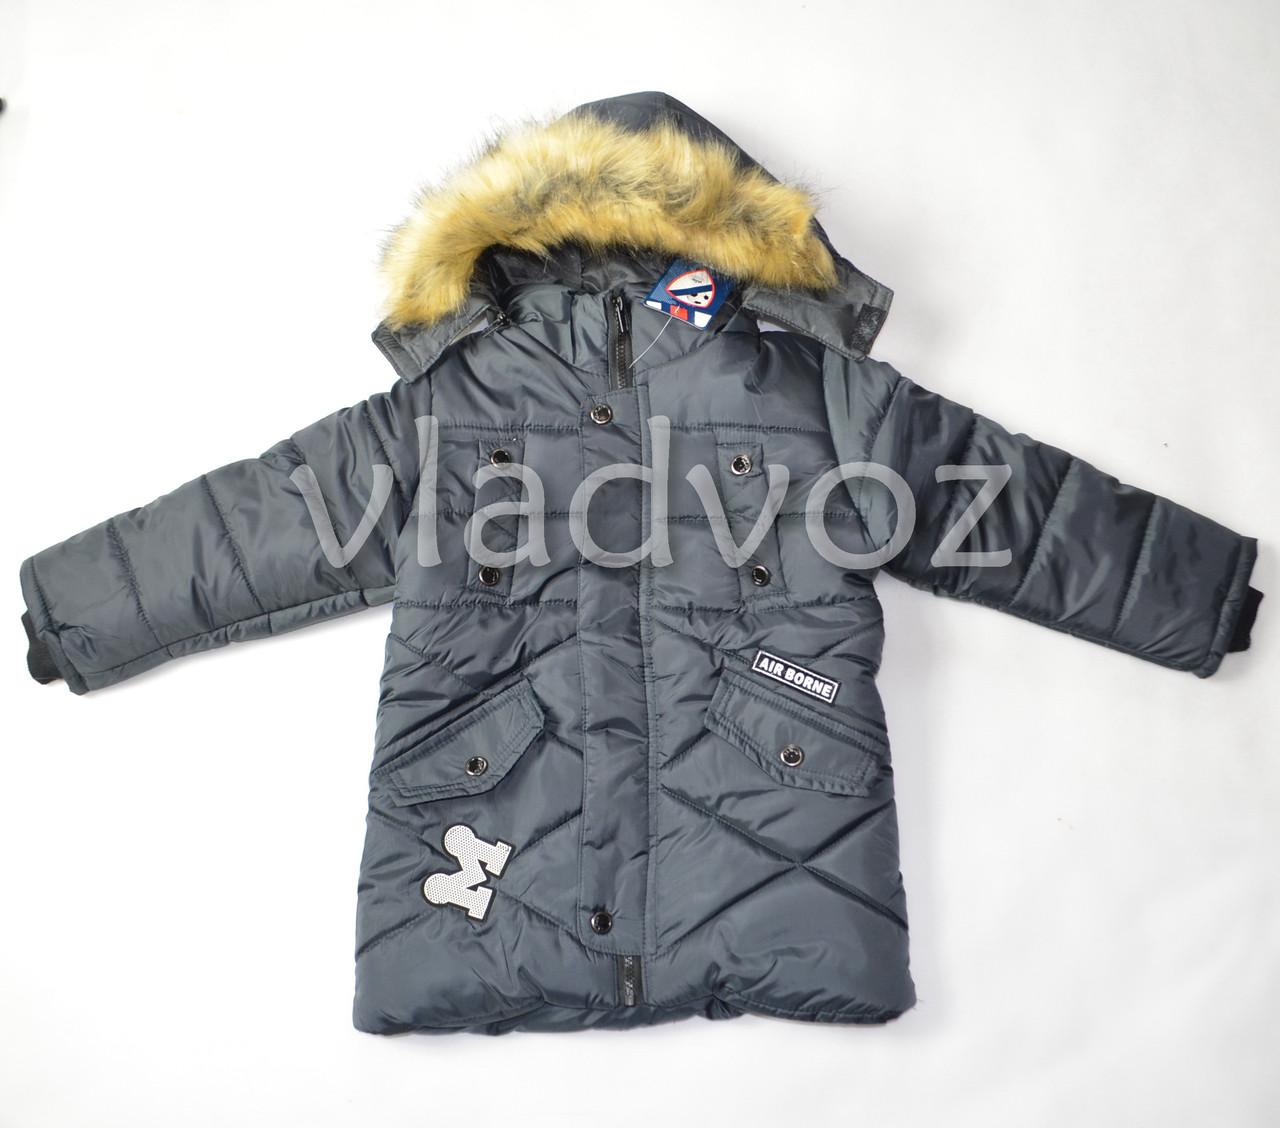 Теплая евро зима куртка для мальчика 6-7 лет серая